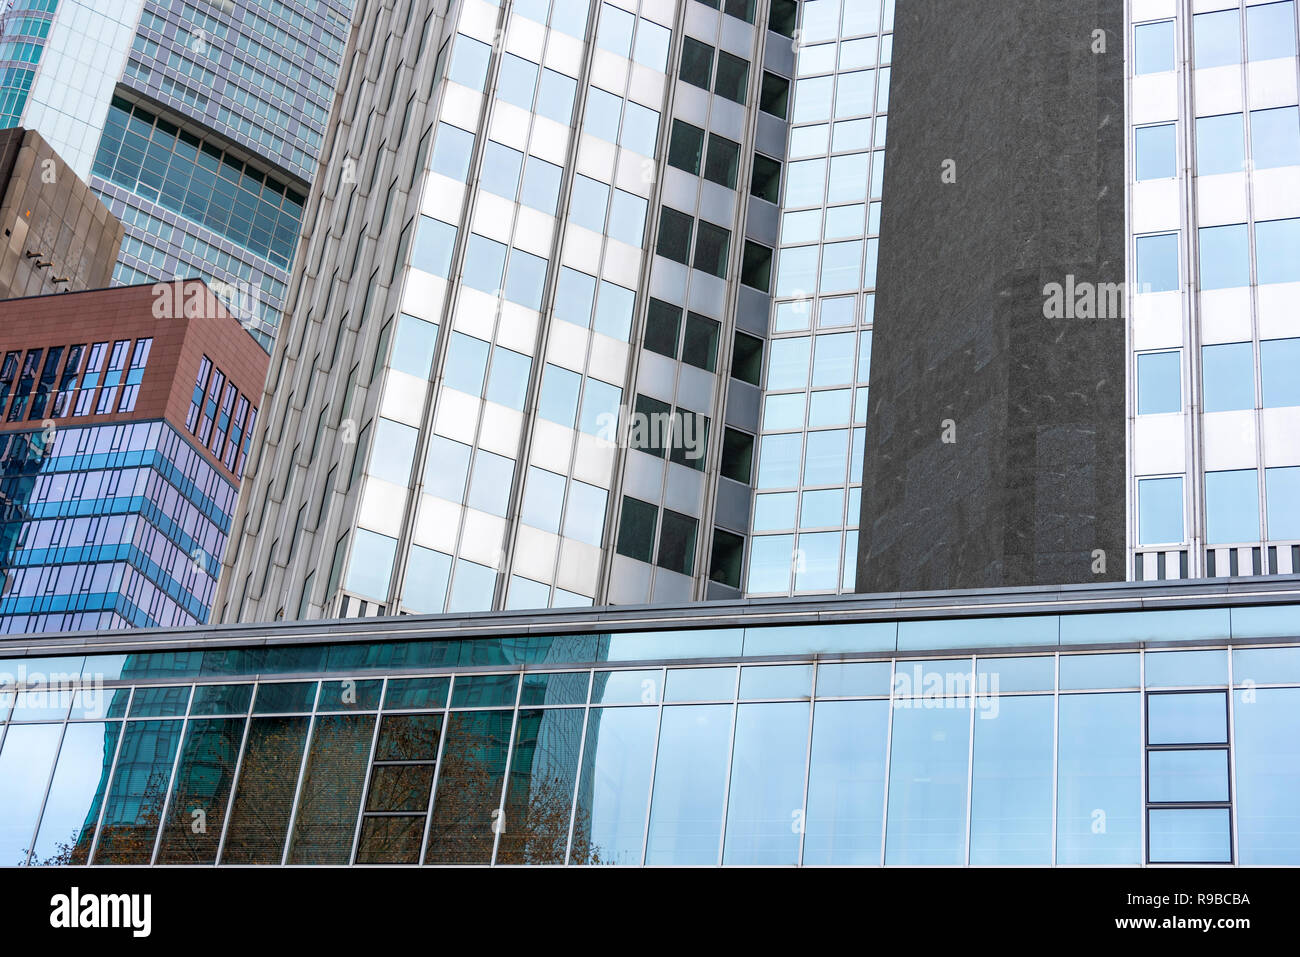 Abstrakte Fassade moderner Bürogebäude in Frankfurt am Main, Deutschland - Stock Image